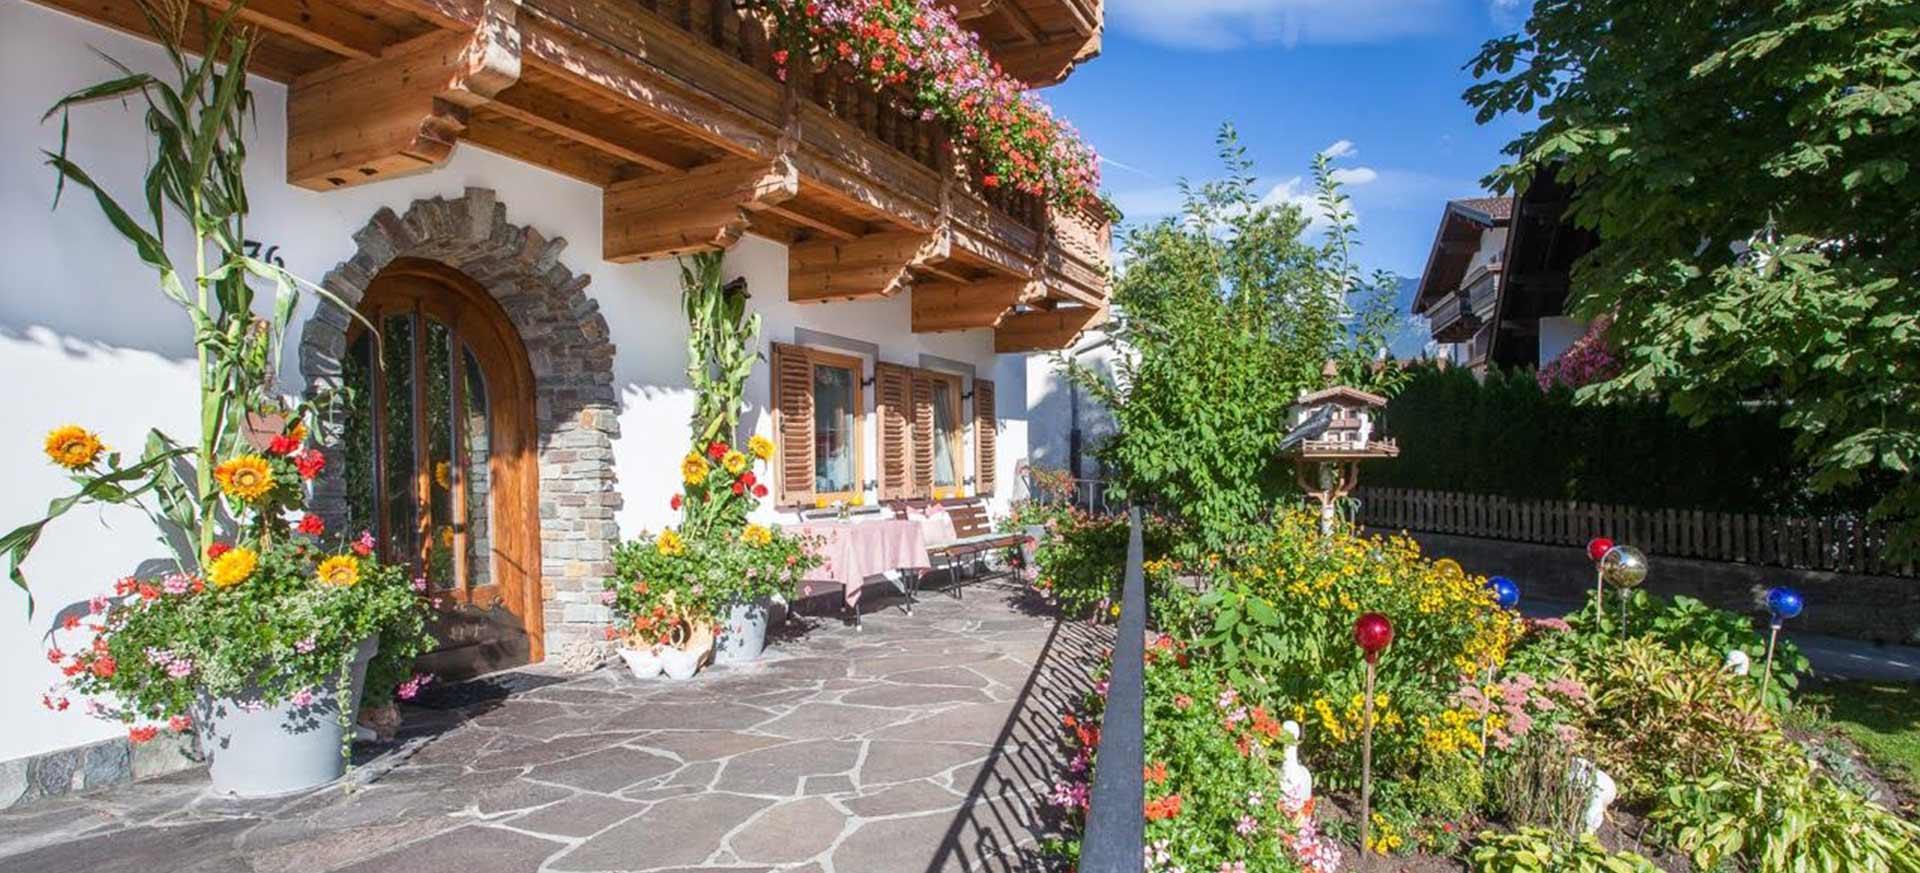 brixnerhof im zillertal: Sommer Haus